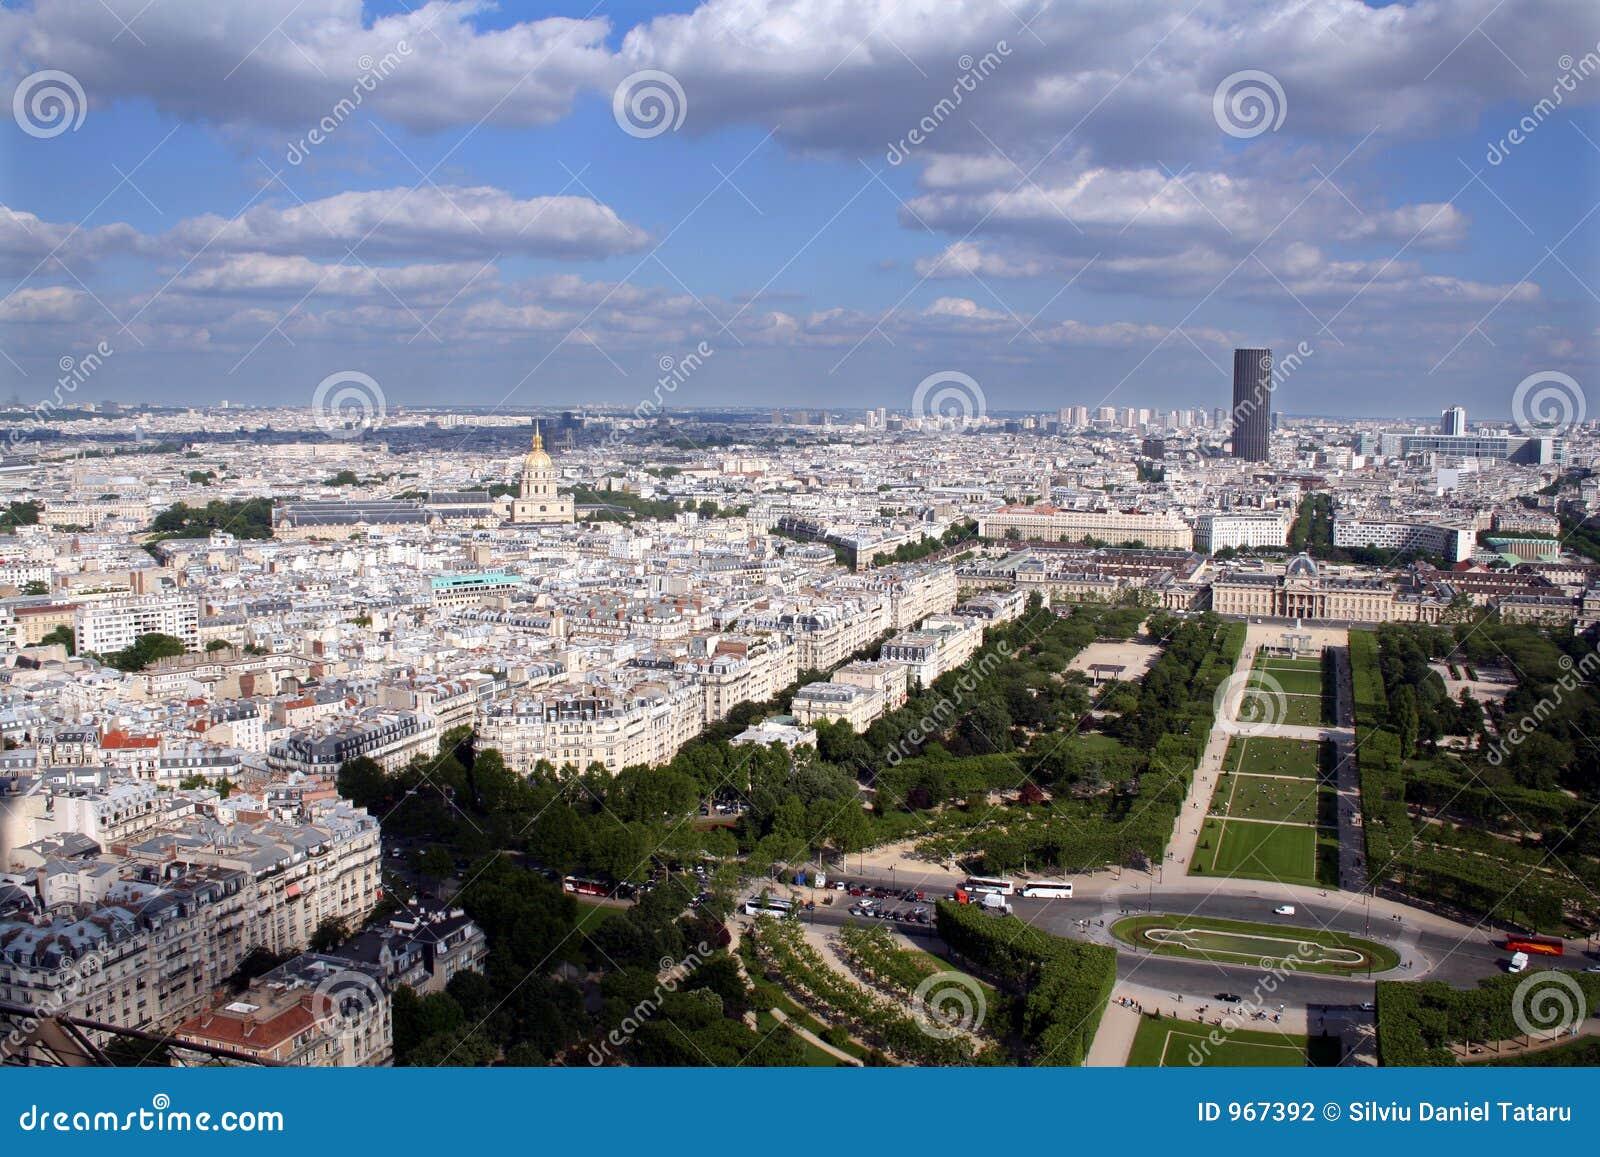 Panoramische Ansicht der Stadt von Paris, Frankreich